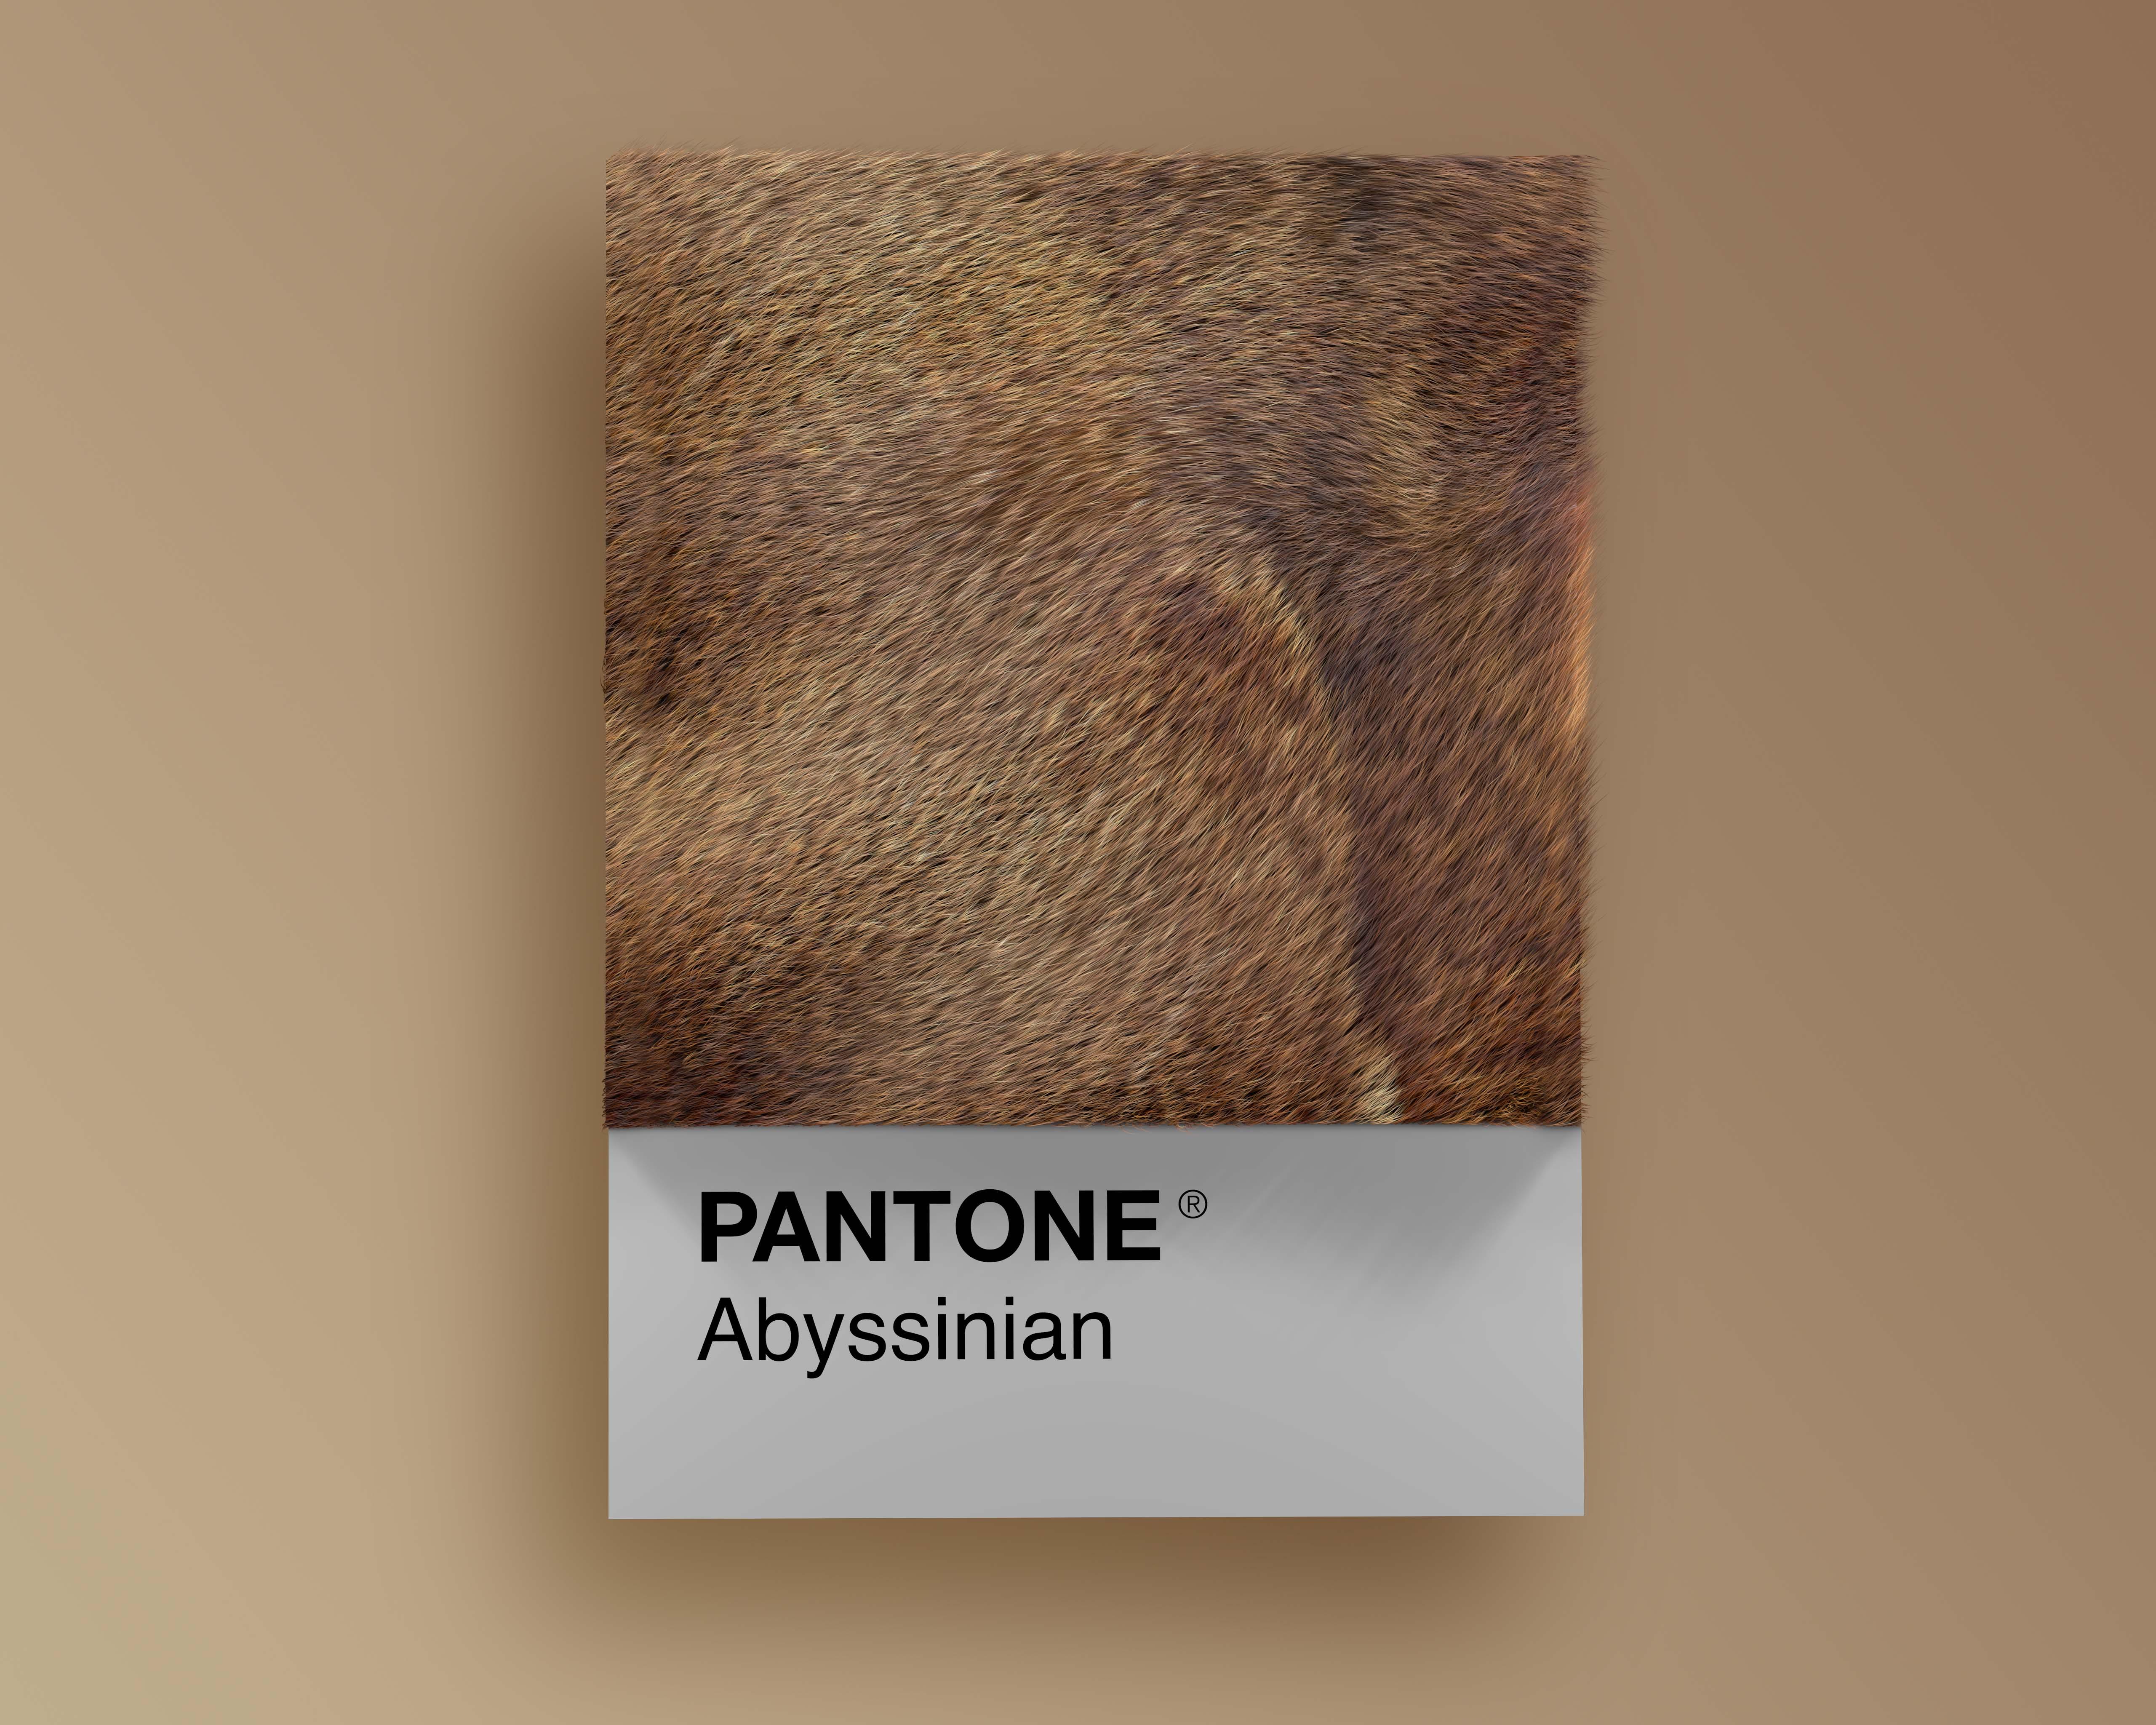 Cat breeds as Pantone, i gatti nei Pantone di Alessio D'Amico | Collater.al